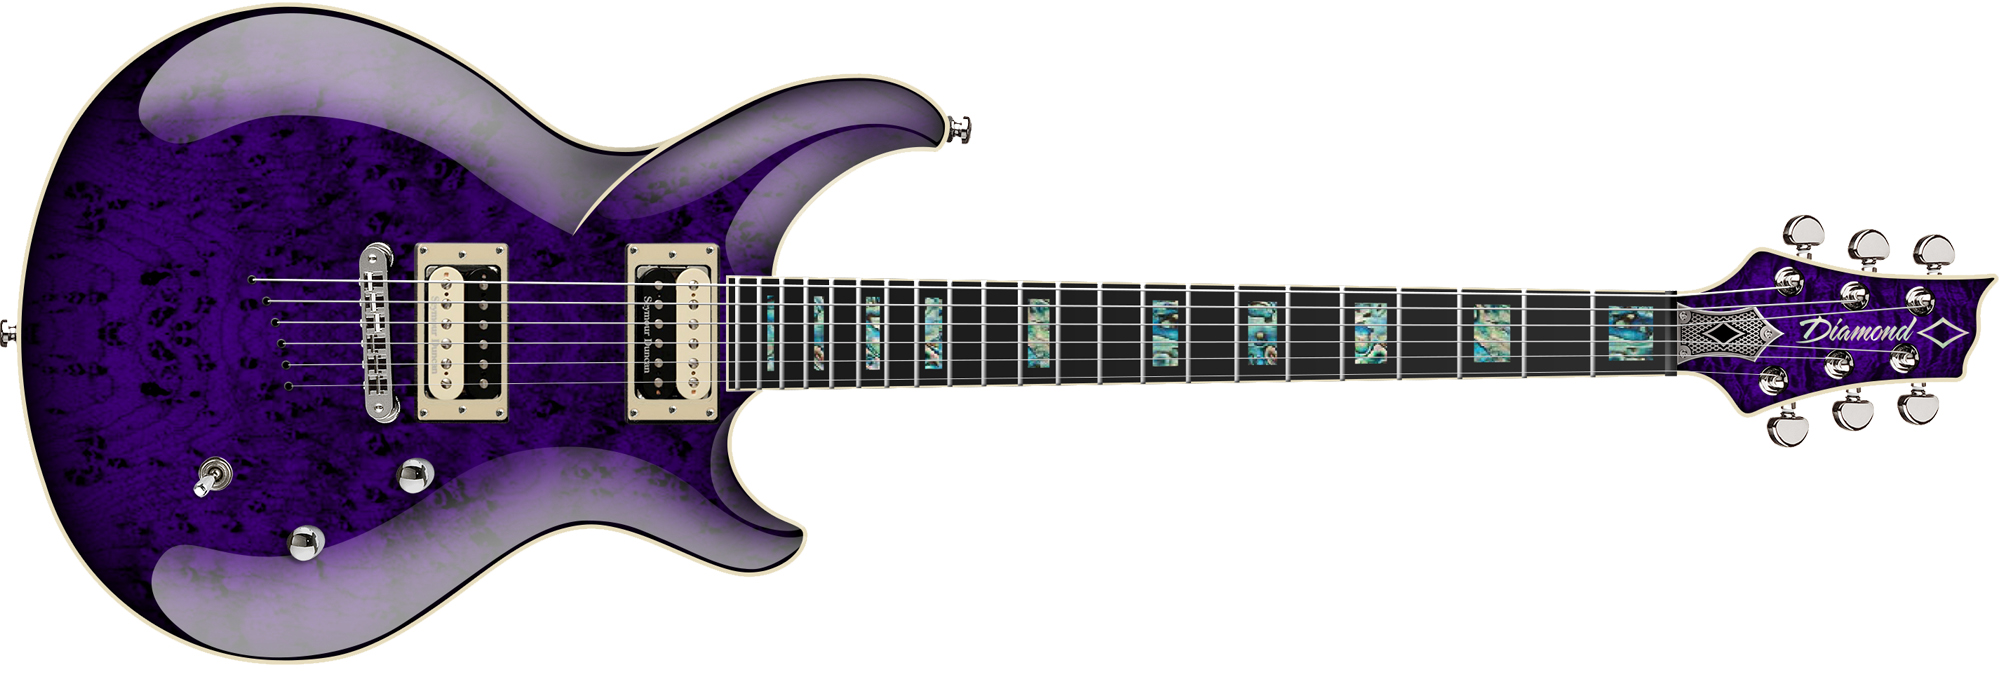 Monarch EX - Transparent Purple